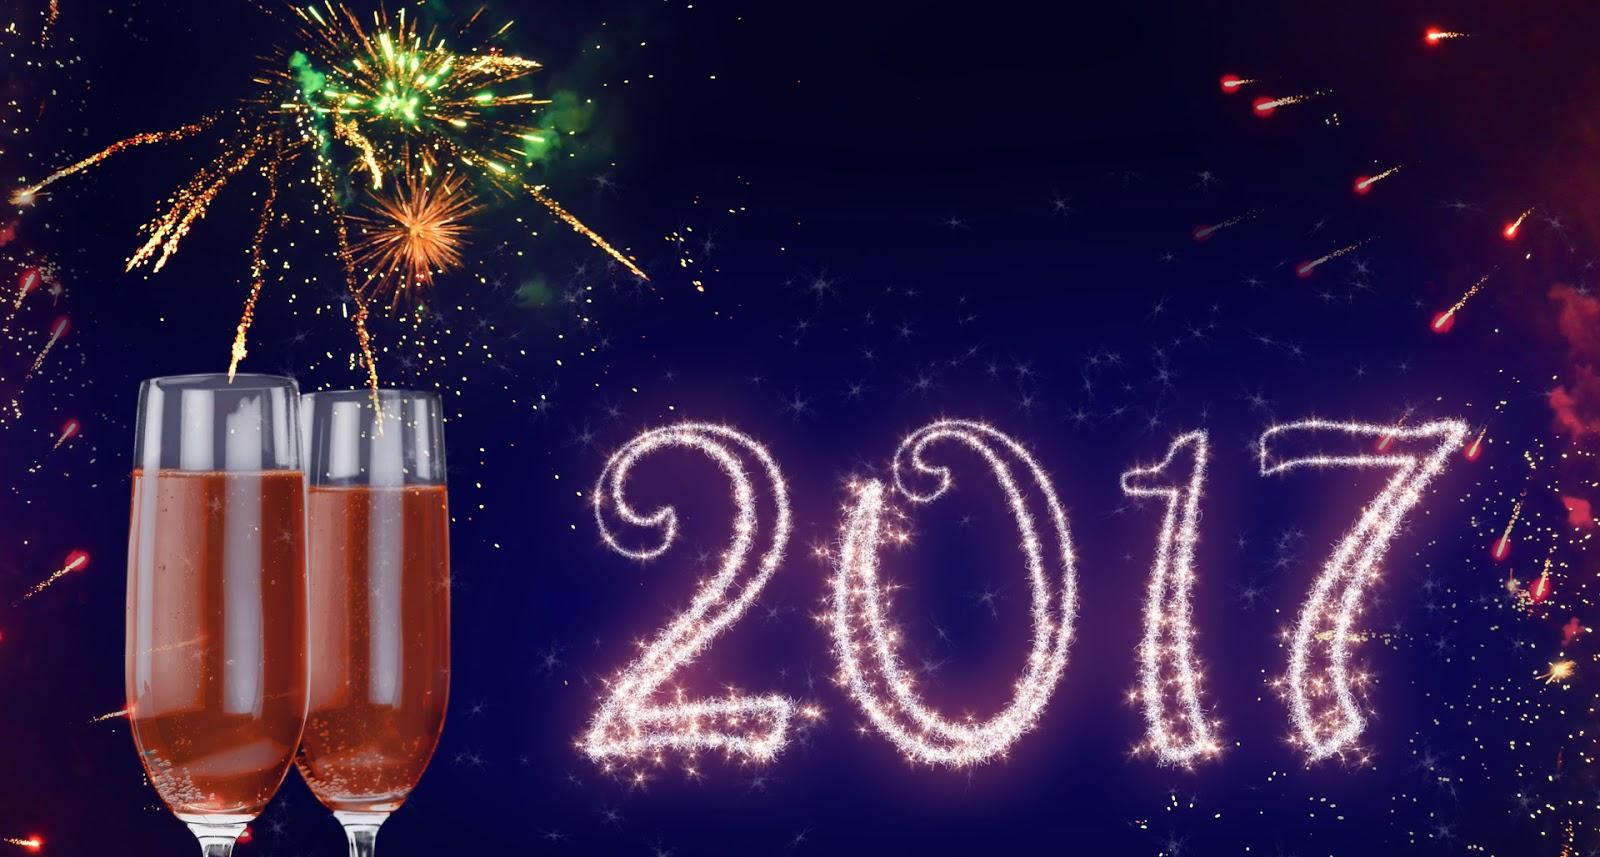 Hình nền tết 2017 đẹp chào đón năm mới - hình 10